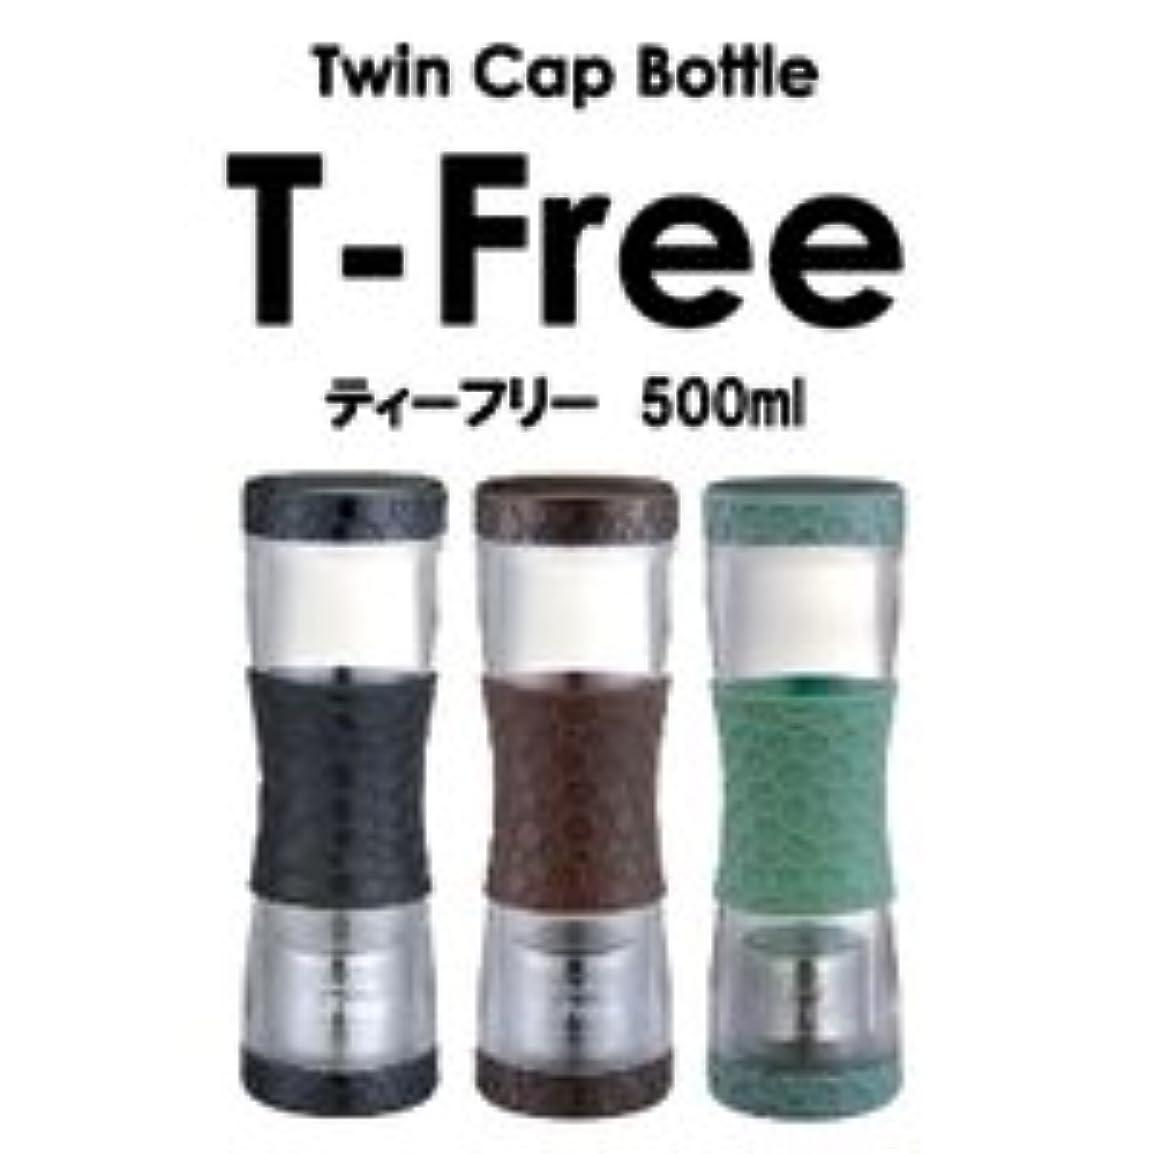 ティーフリー500ml T-Free (カラー:グリーン) ※使い方自由なツインキャップボトル